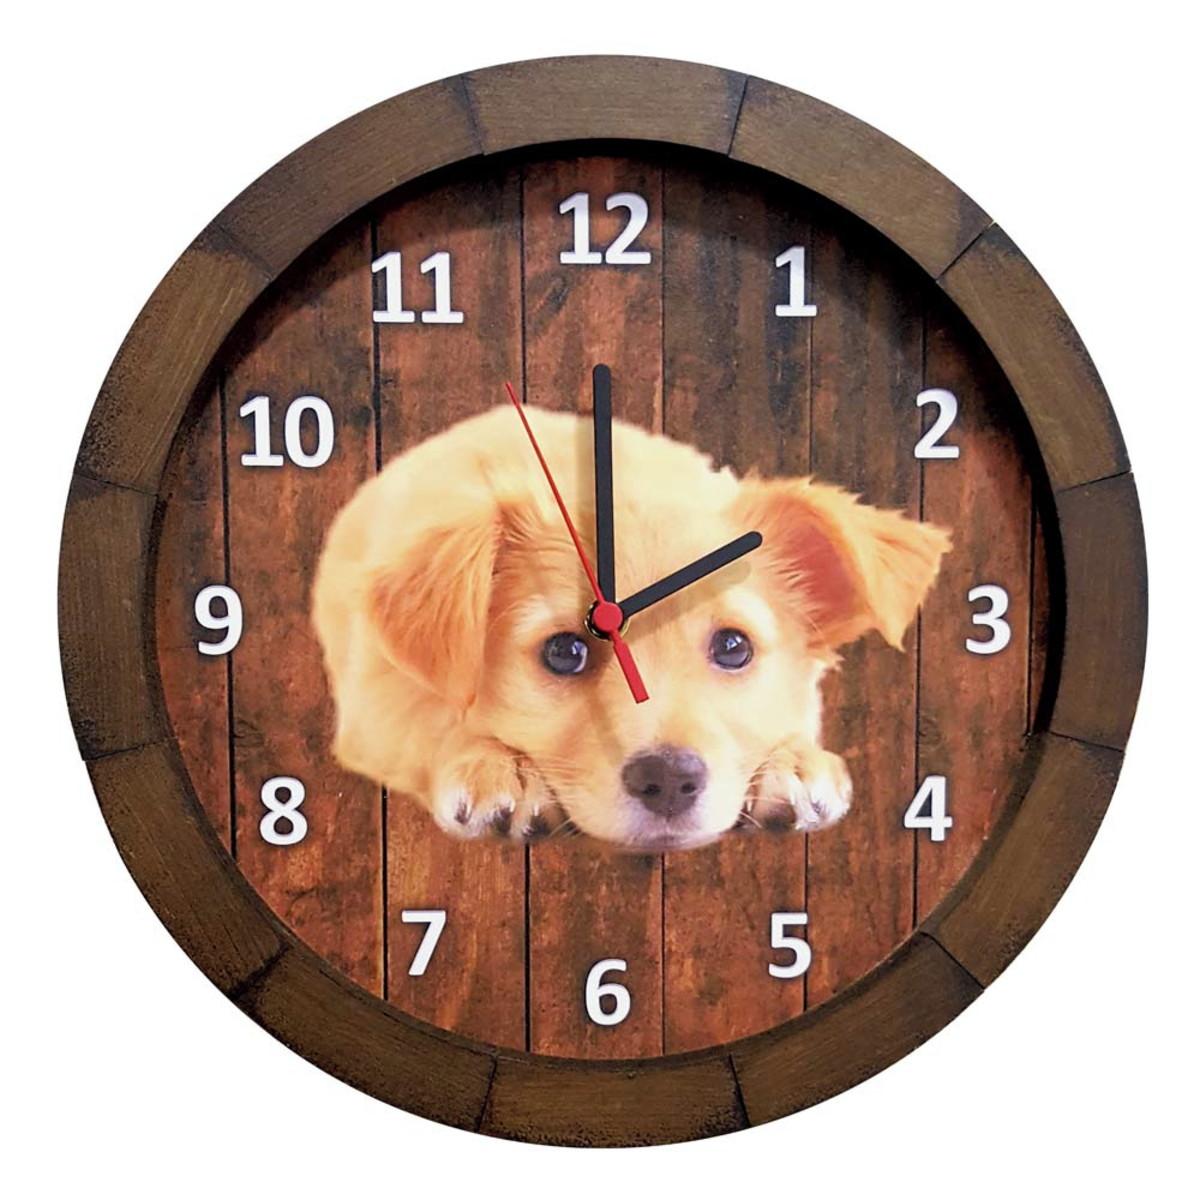 b7dc9345bab Relógio De Parede Personalizado Fotos Pets Animais Temas no Elo7 ...